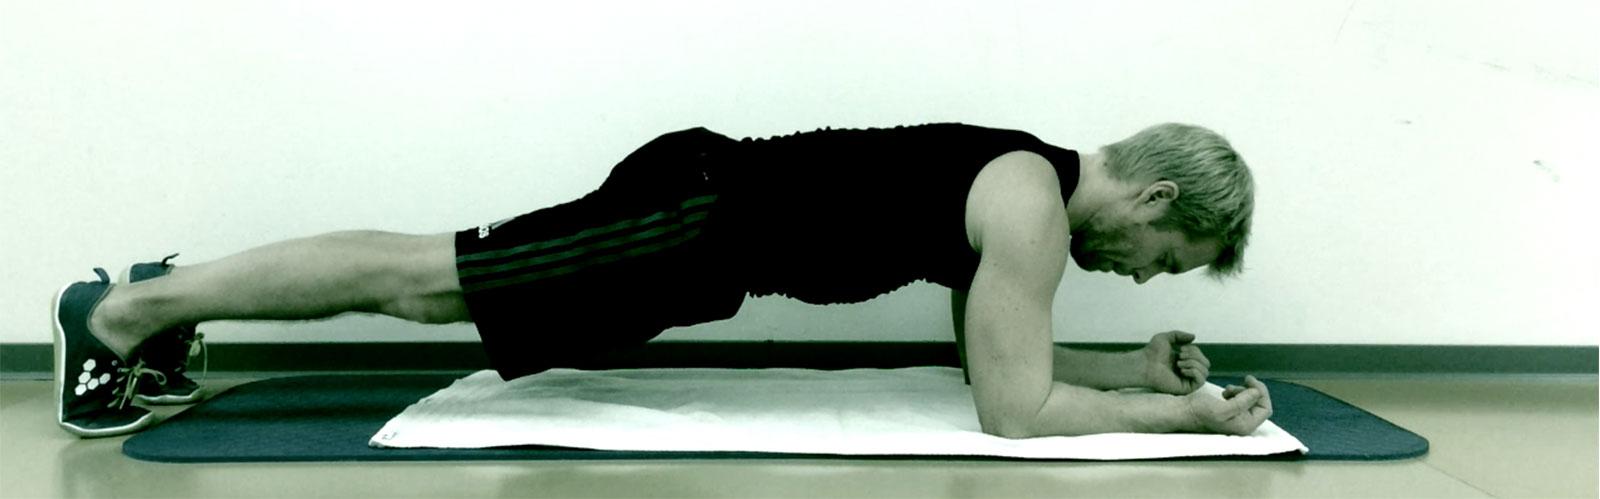 Rumpfmuskulatur Übungen | einfach-fit.de